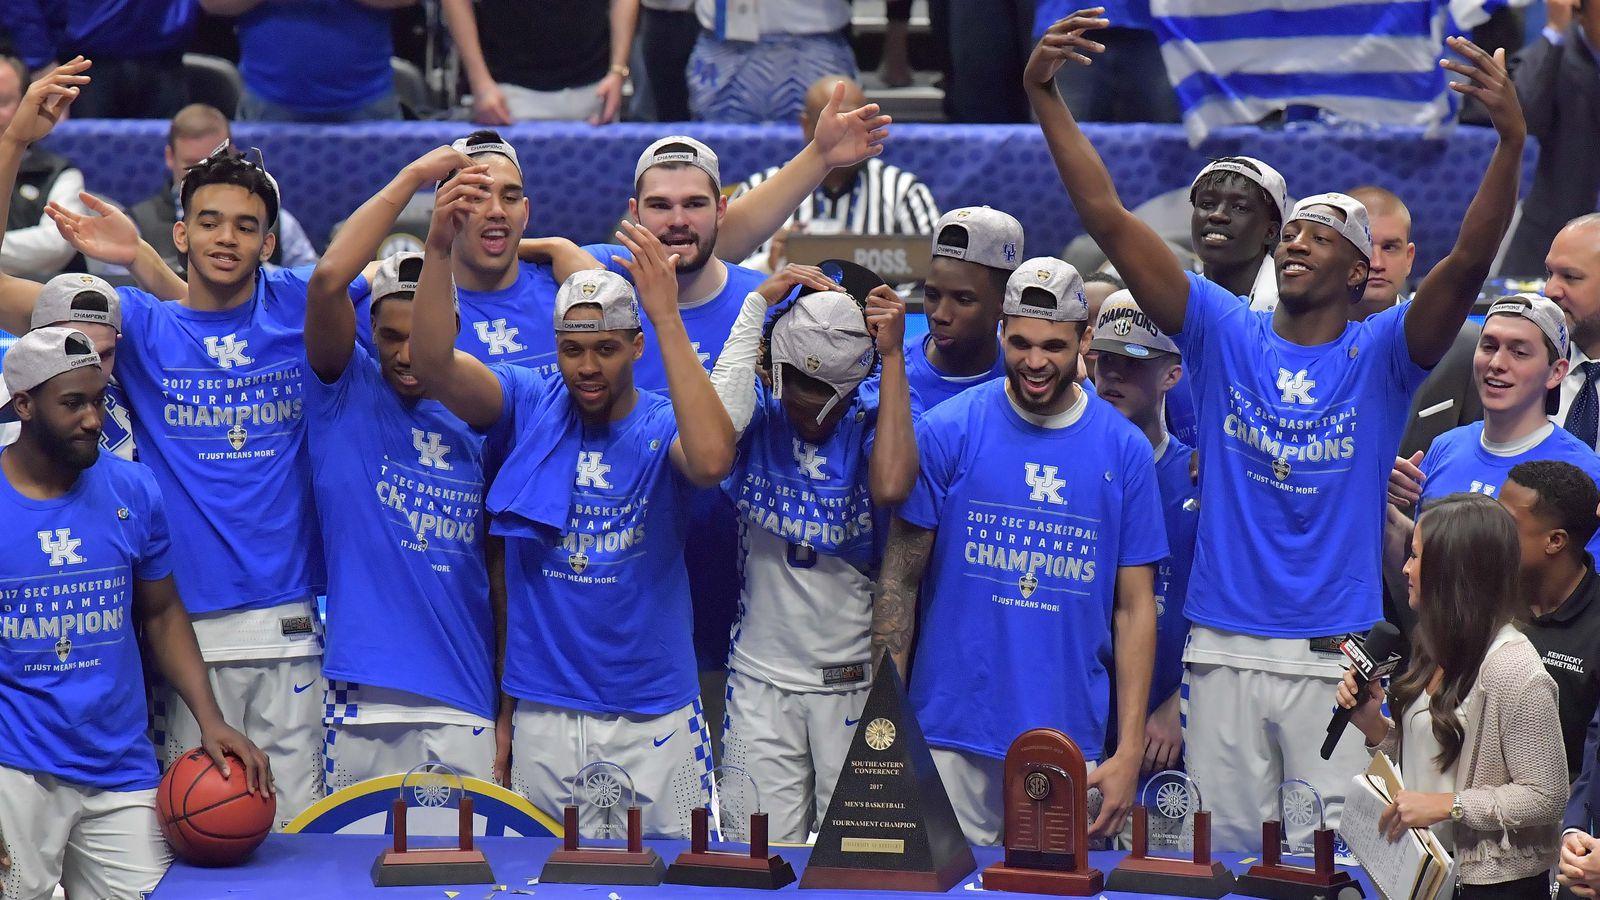 Kentucky Wildcats Basketball 2016 17 Season Preview: Kentucky Basketball Tribute Video Of 2016-17 Season